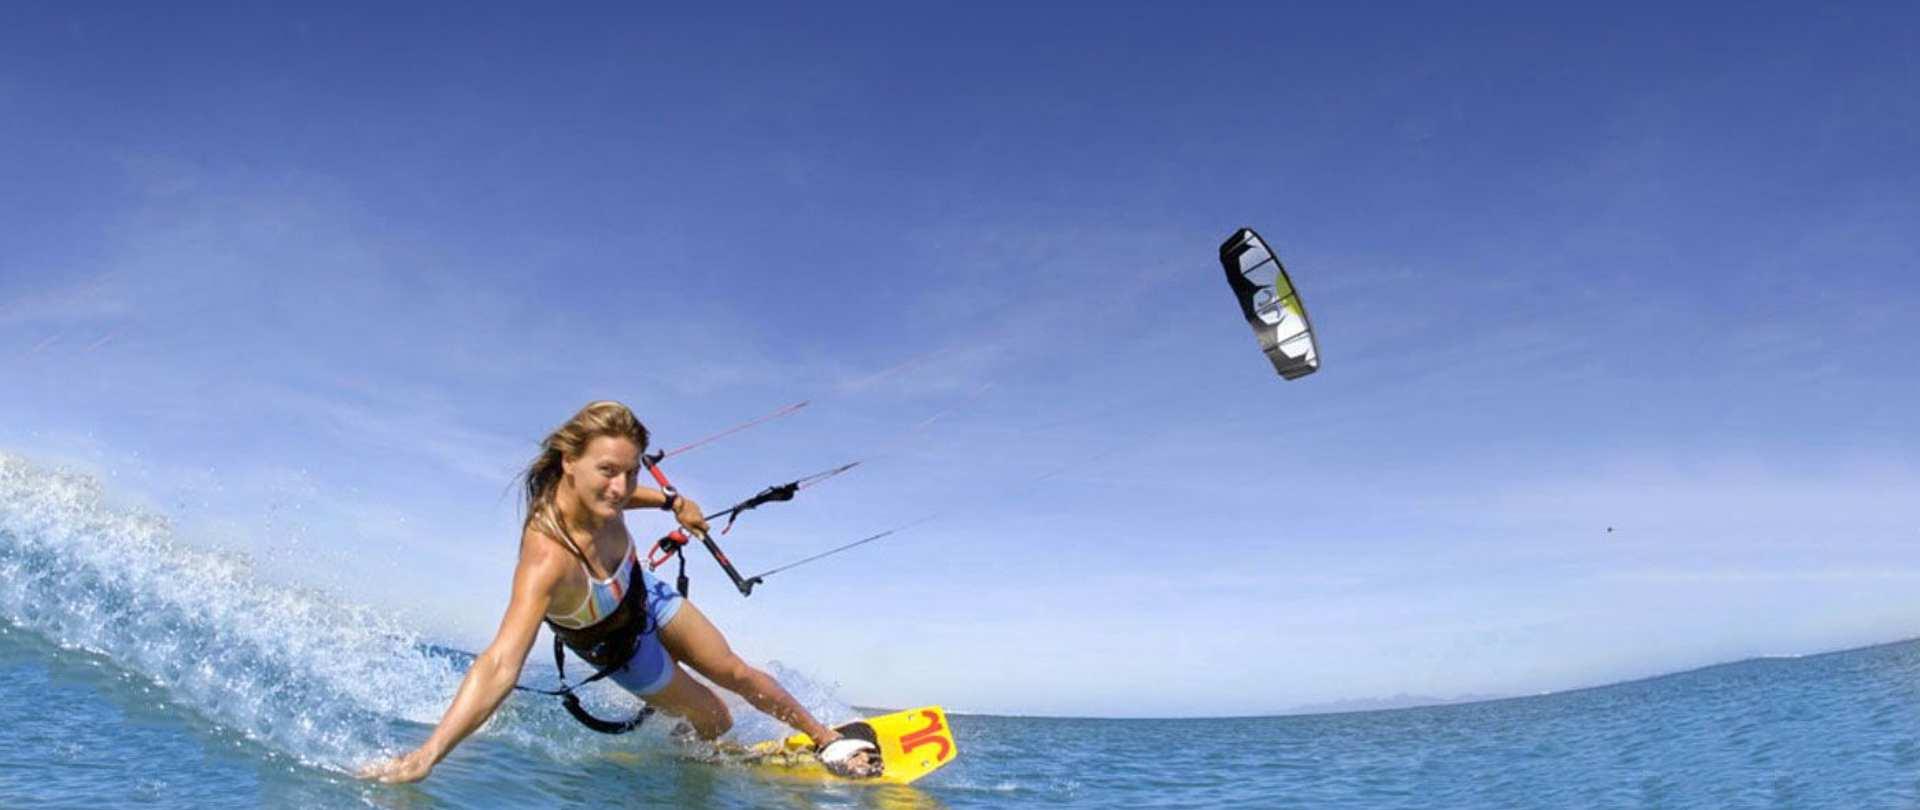 kite-surfing.jpg.1920x810_0_504_13714